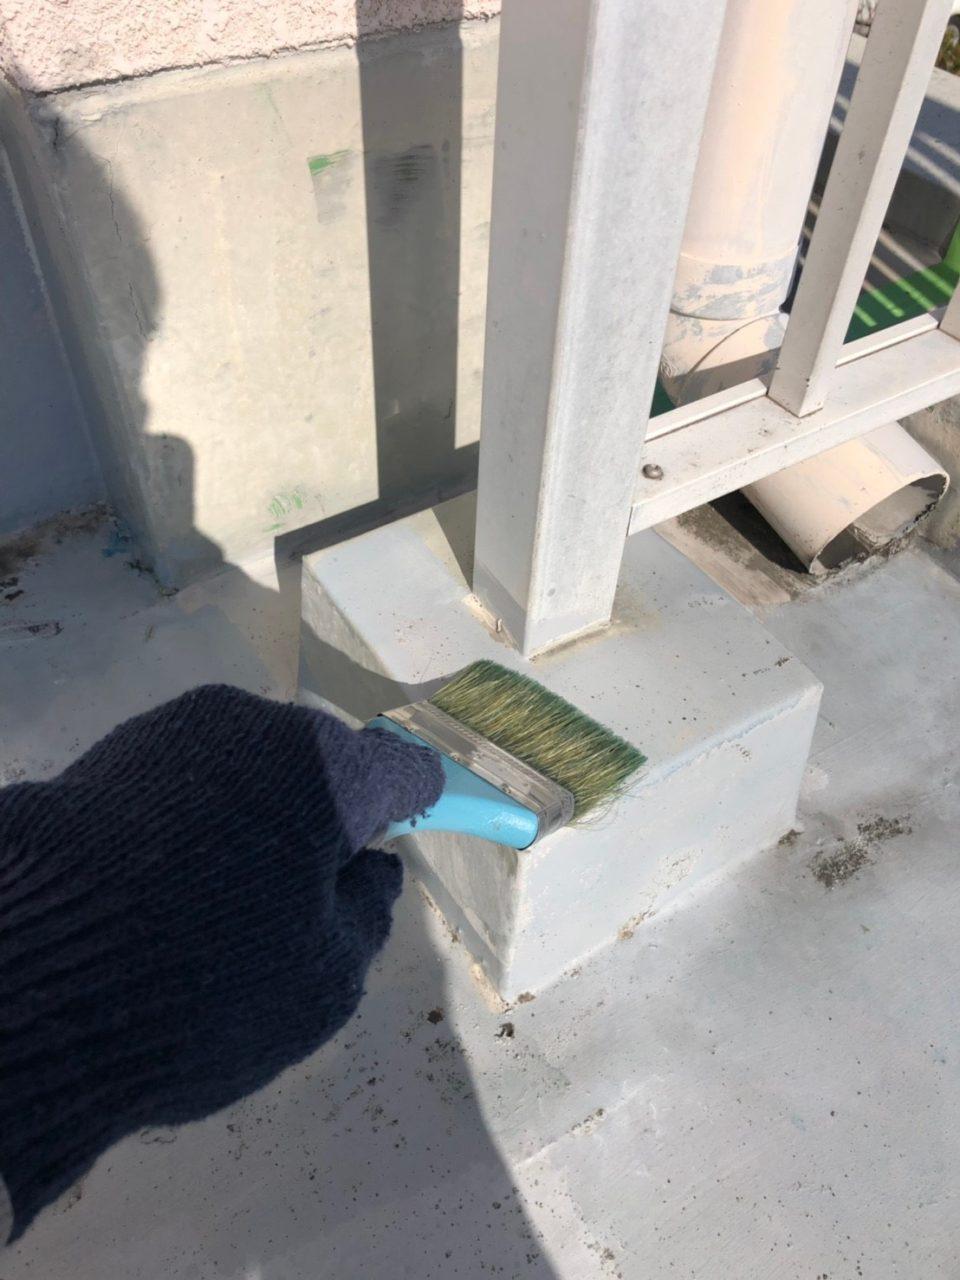 安城市防水工事 プライマー ウレタン一回塗り1